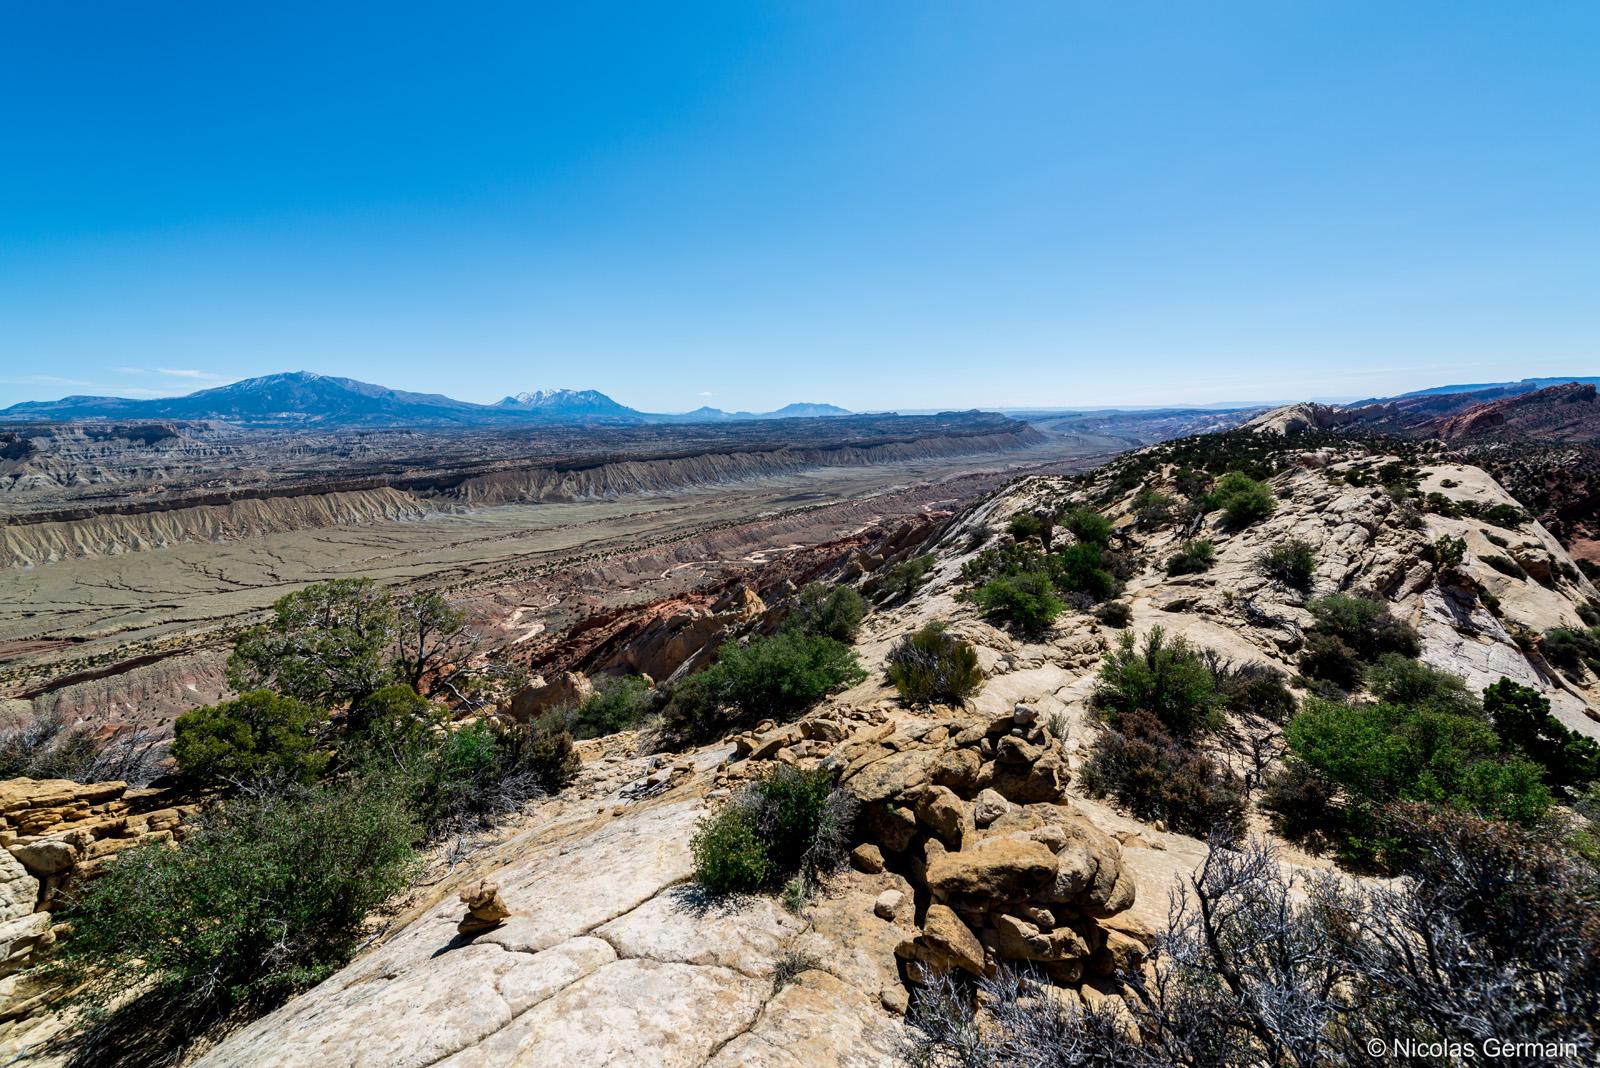 Le waterpocket fold et la vue vers le sud, pris du chemin de crête d'Upper Muley Twist Canyon